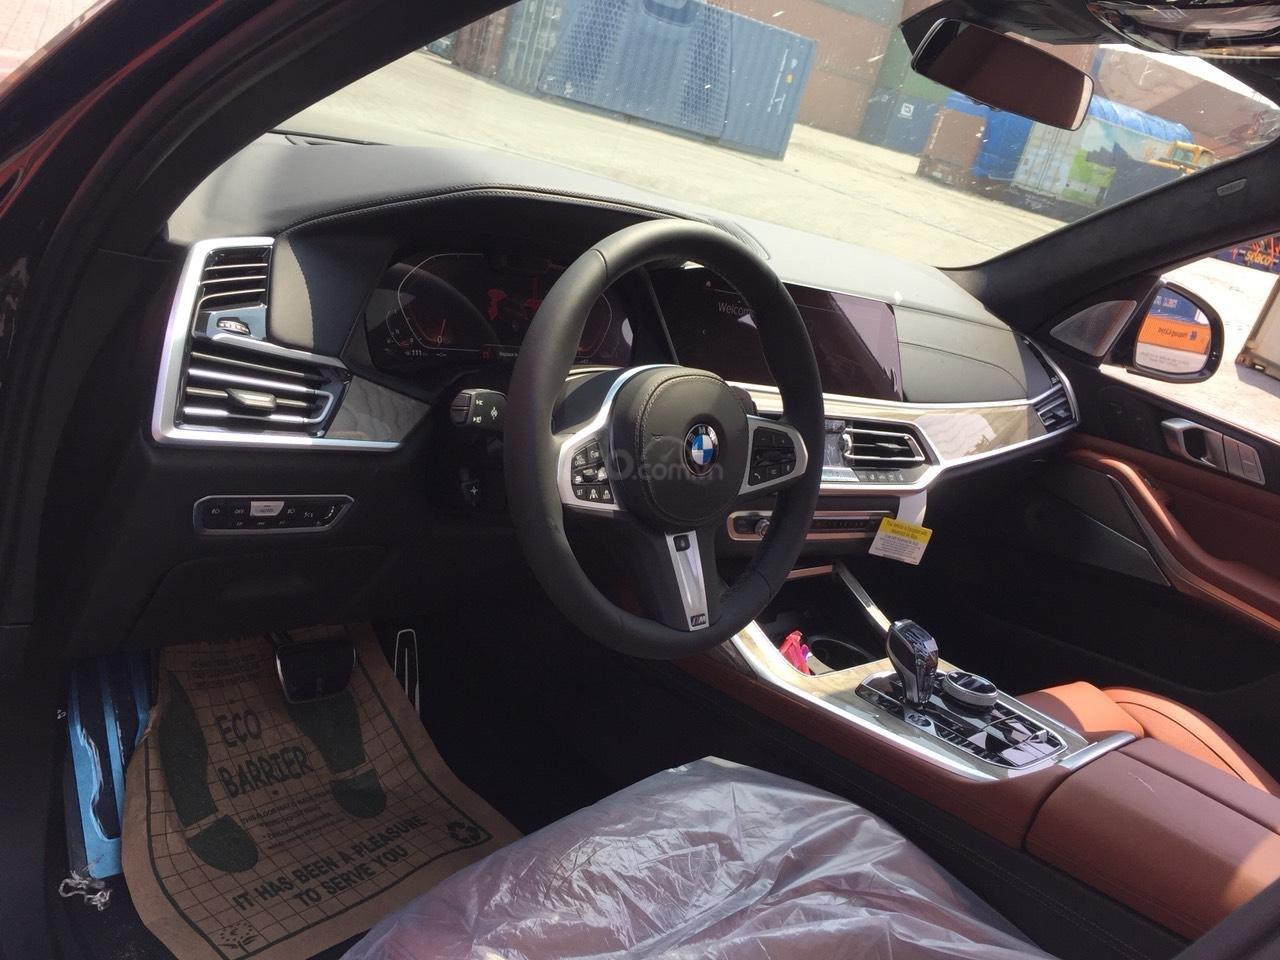 Bán BMW X7 M-sport xdrive 40i, đủ màu giao ngay, xe full option, nhận ép biển đẹp (12)